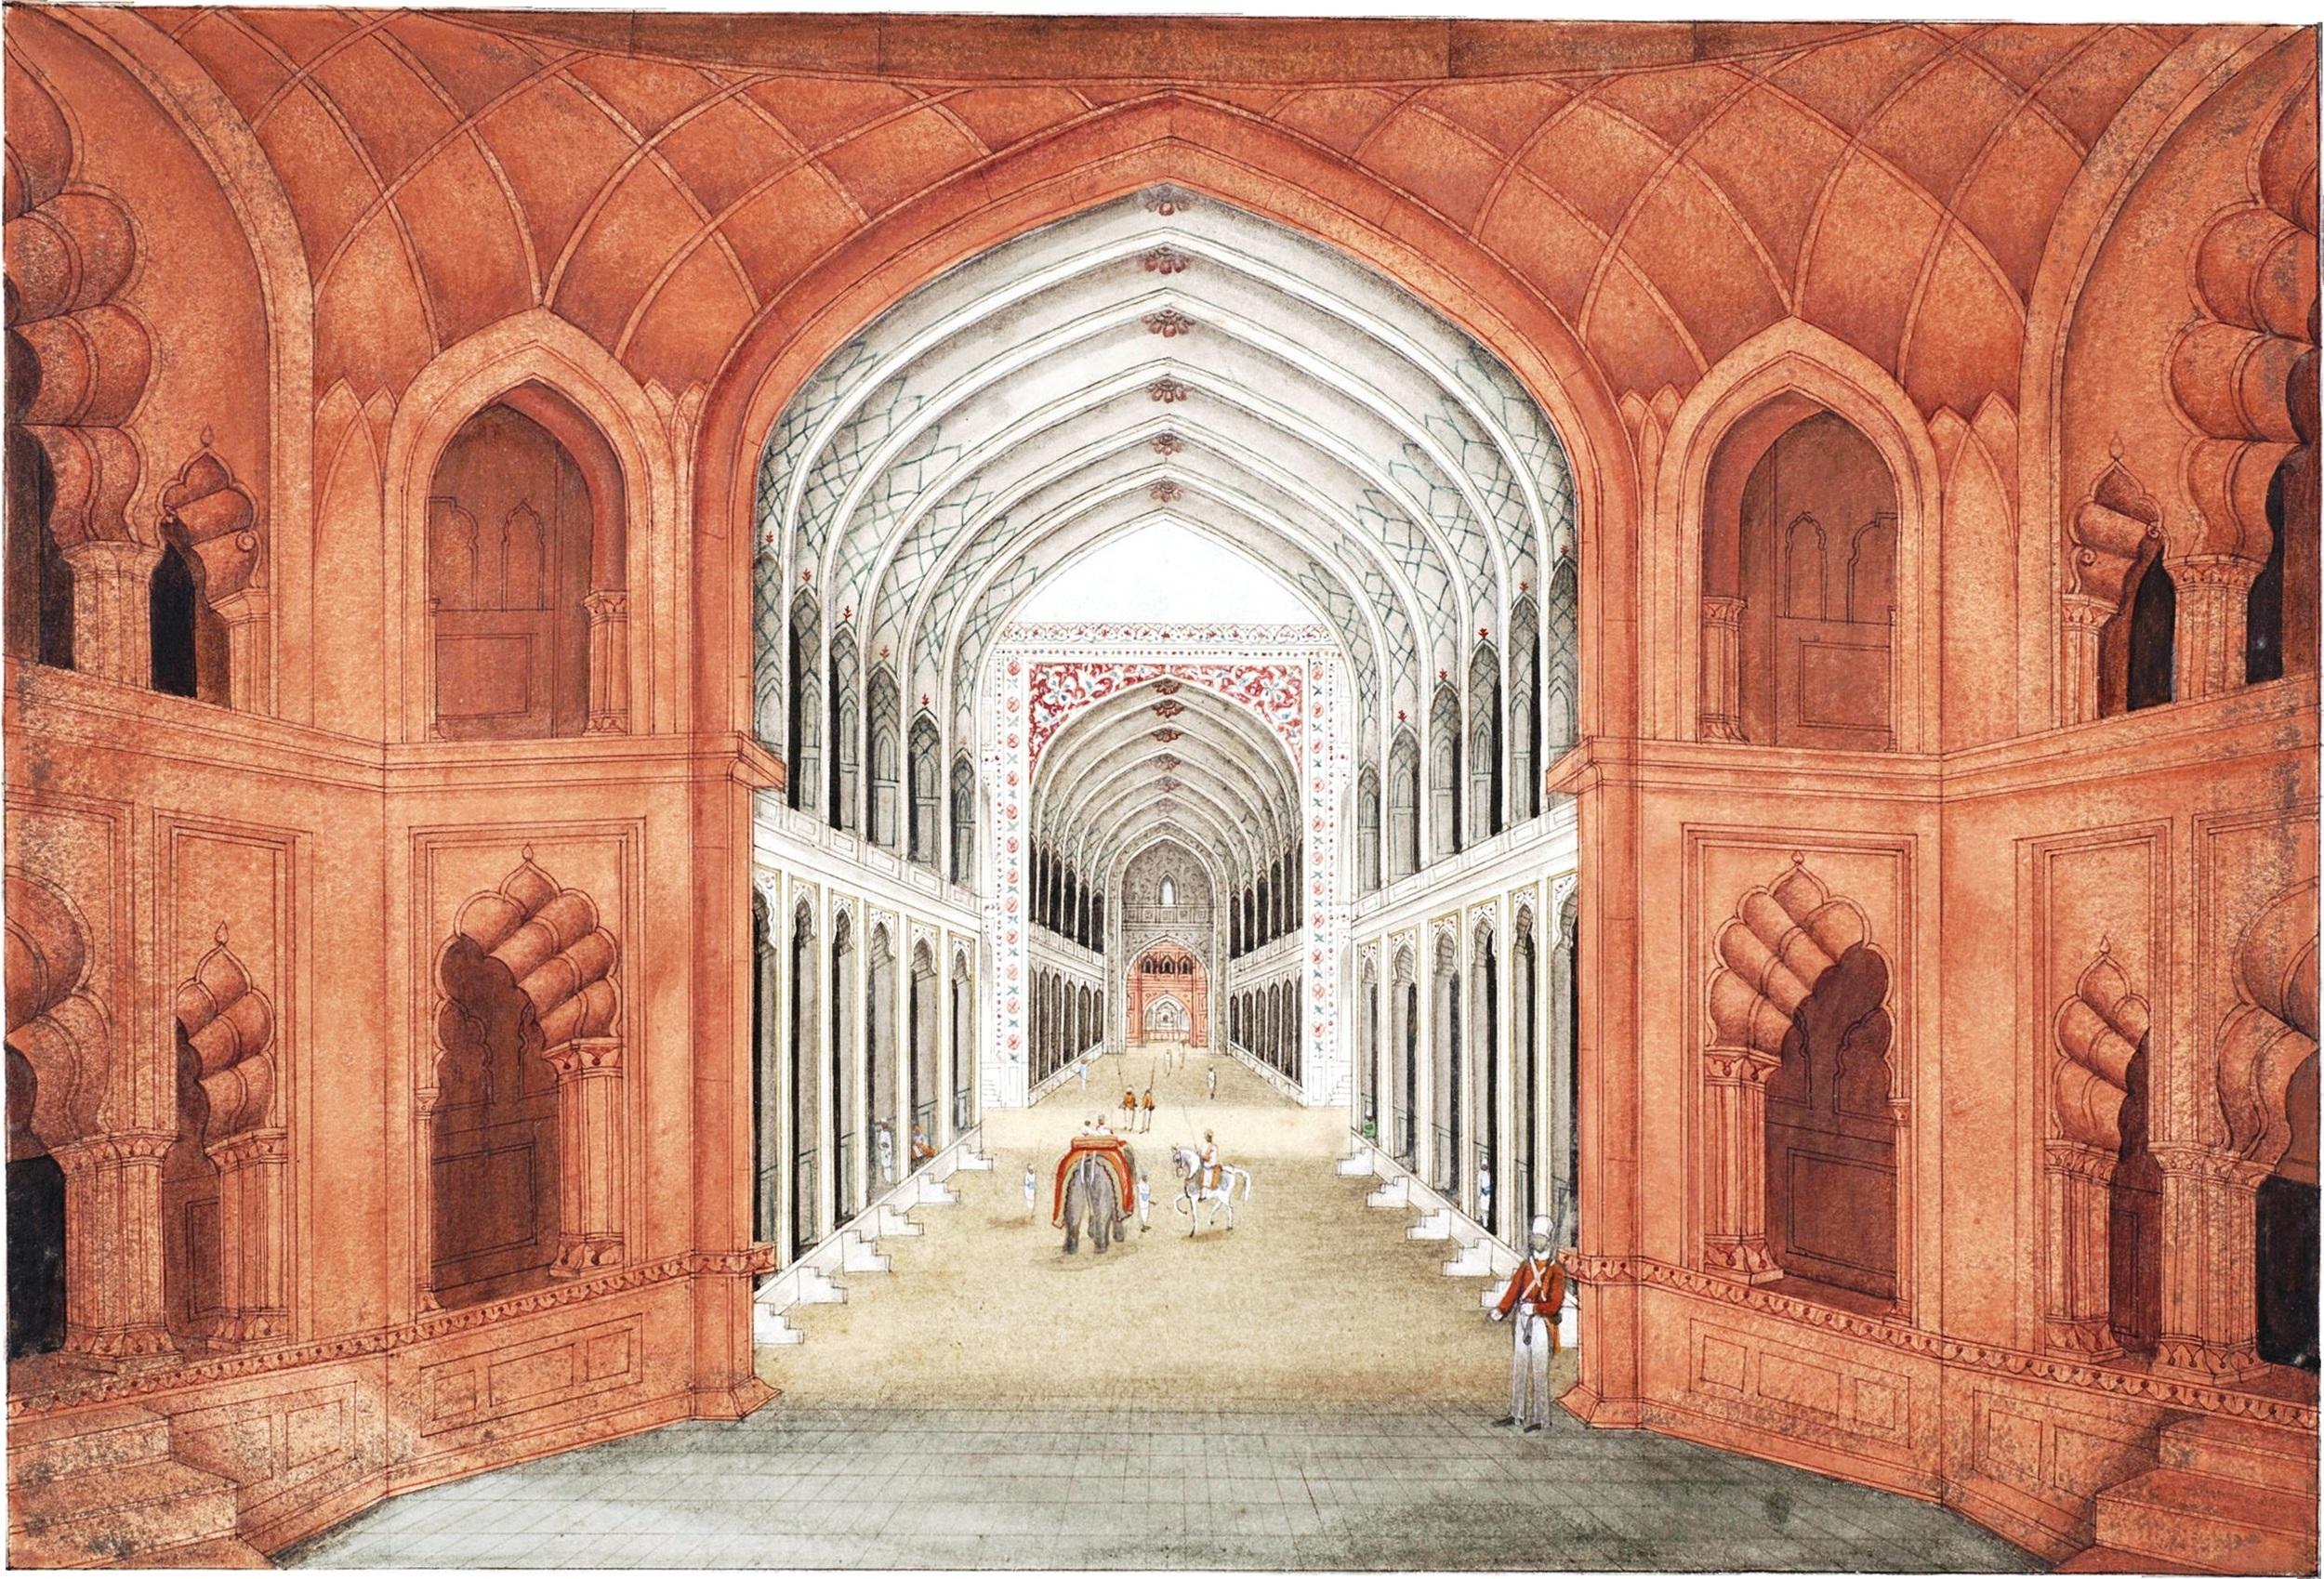 Chhatta Chowk, a passageway lined with a bazaar